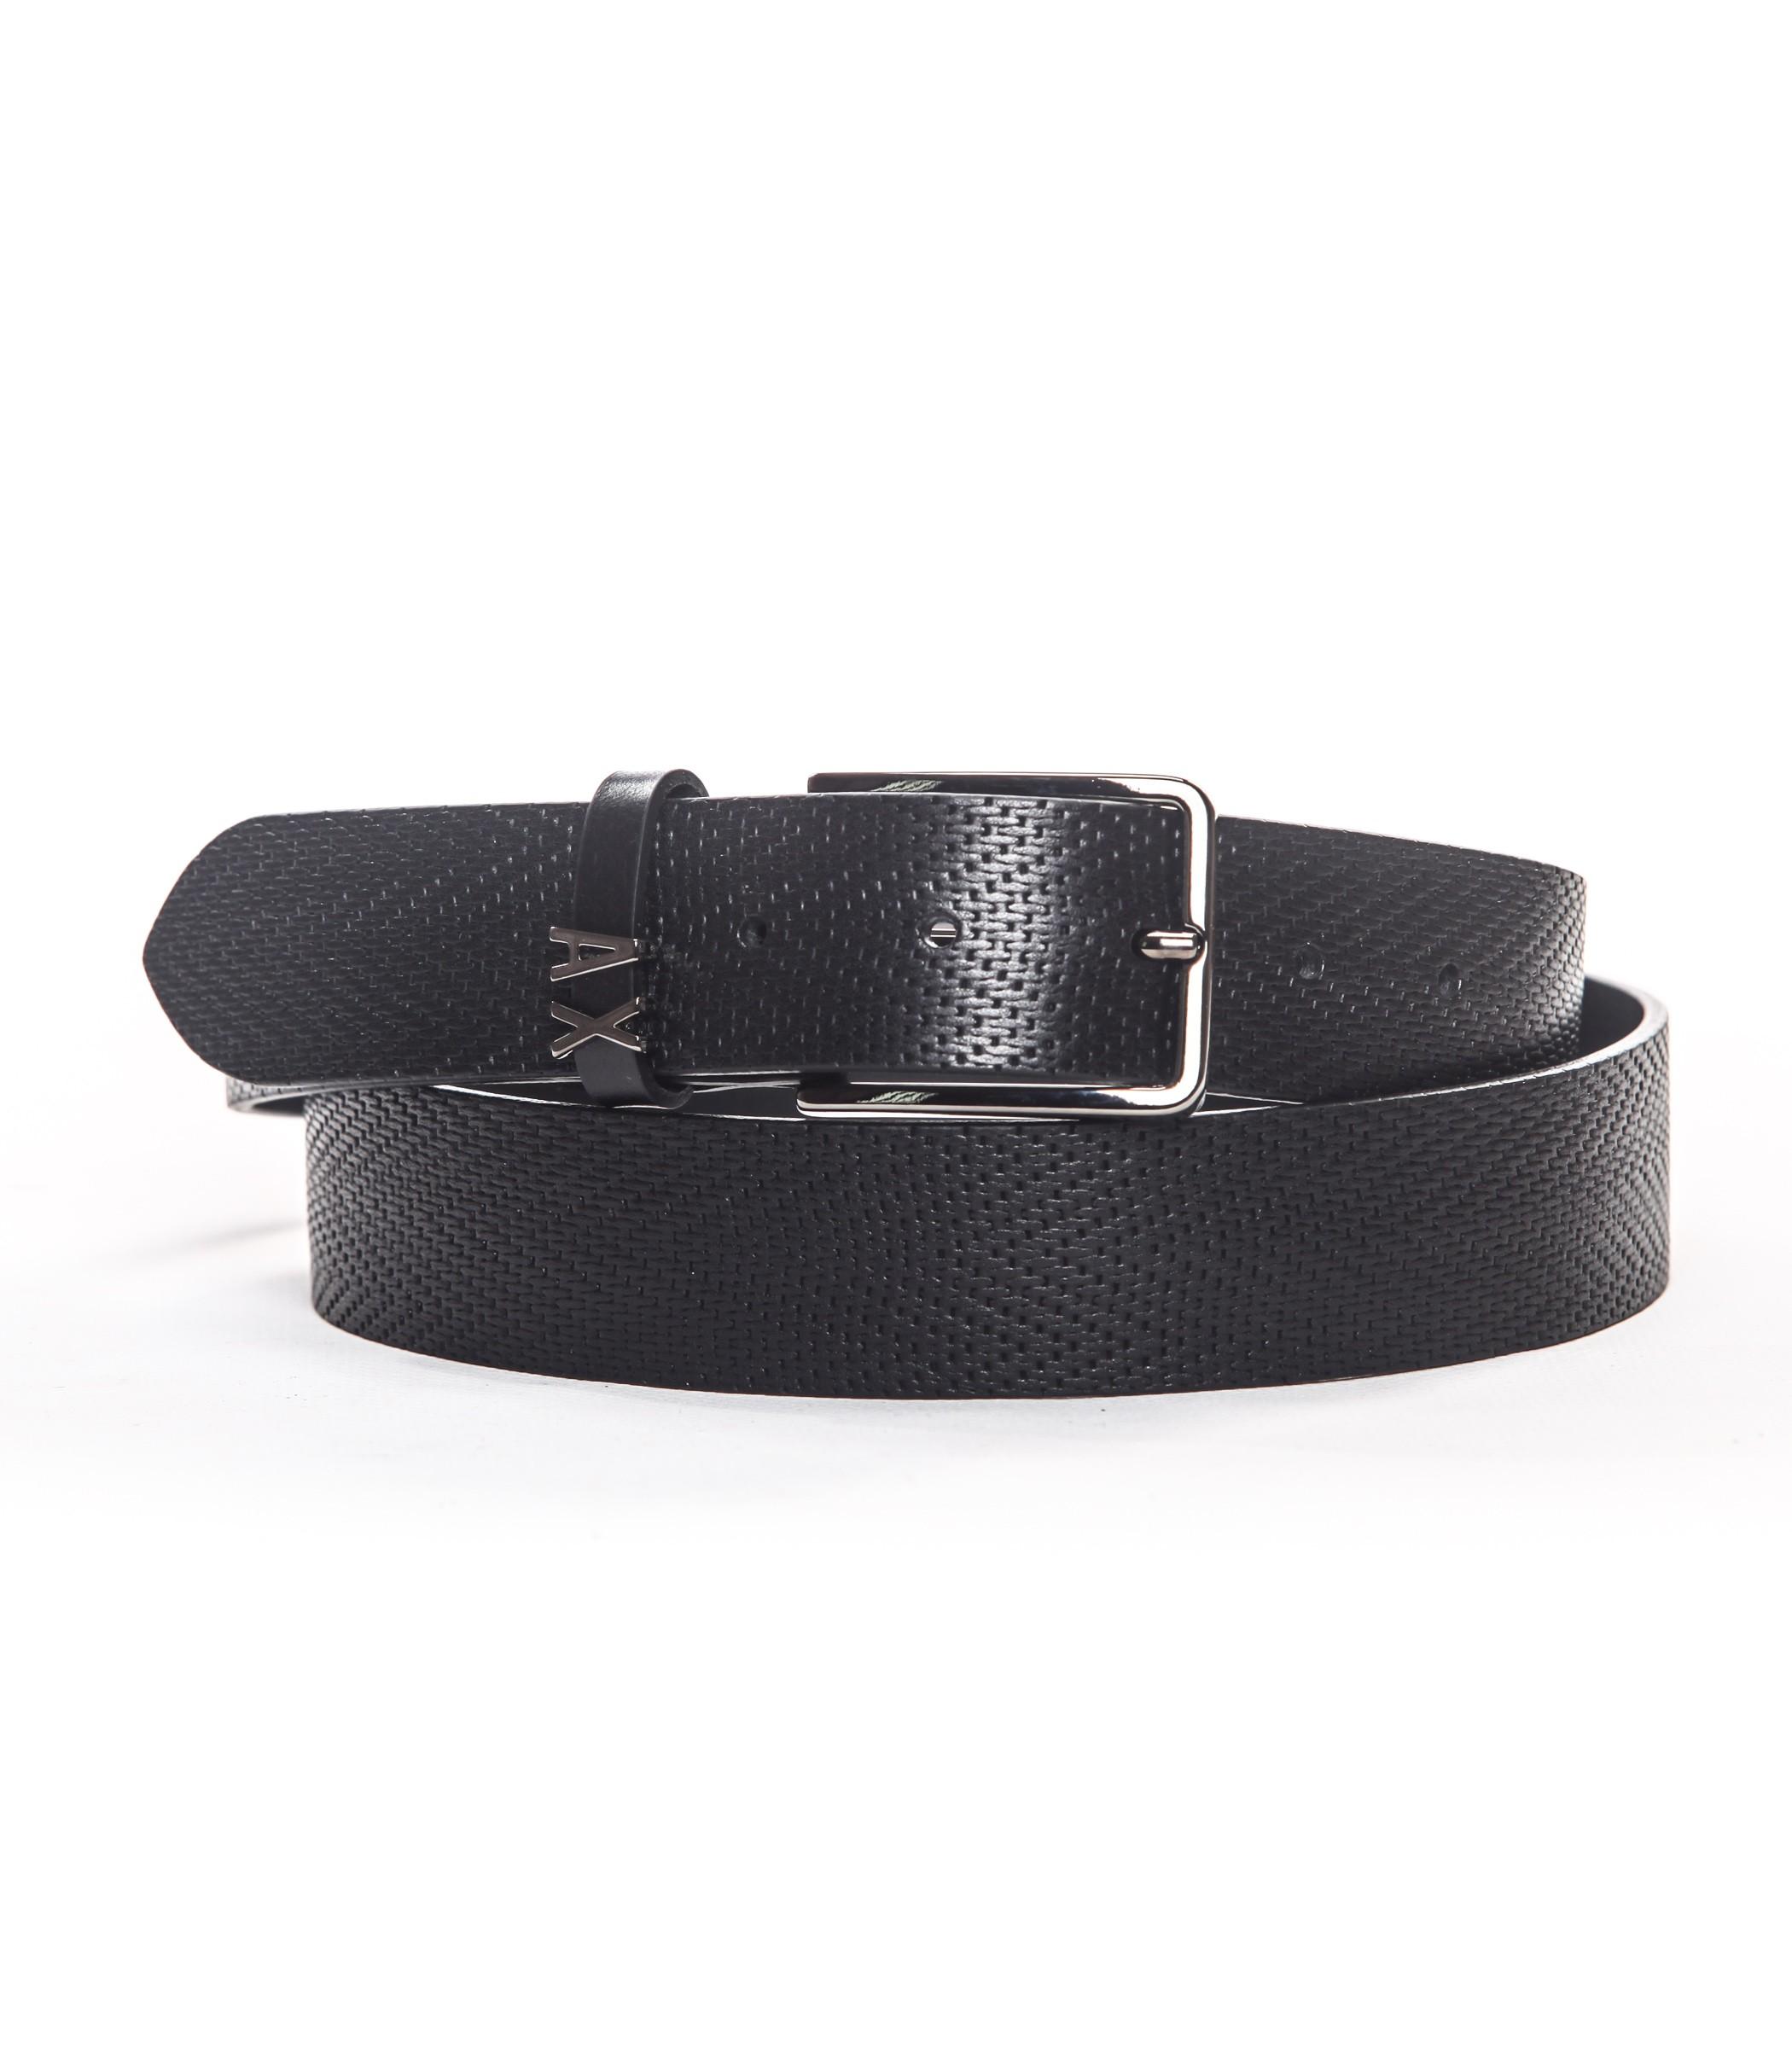 migliori offerte su sulle immagini di piedi di più amato Cintura Armani Exchange in pelle da uomo nera o marrone 951169 9P187